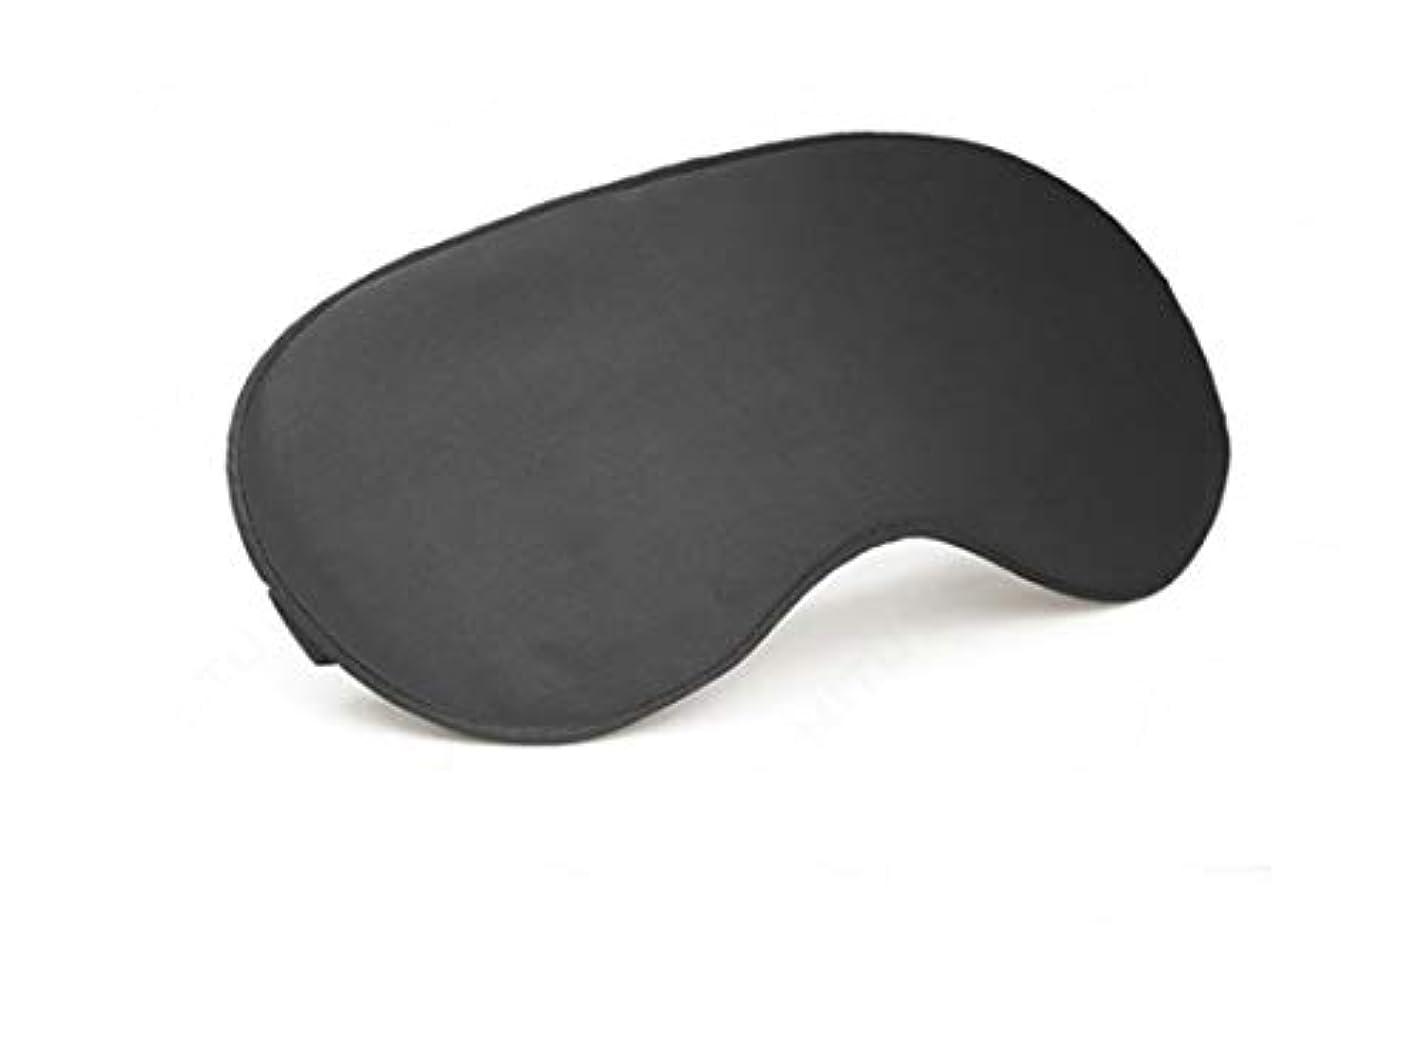 貝殻量で省略SMART 新しいぬいぐるみピンクフラミンゴクッションガチョウの羽風船幾何北欧家の装飾ソファスロー枕用女の子ルーム装飾 クッション 椅子